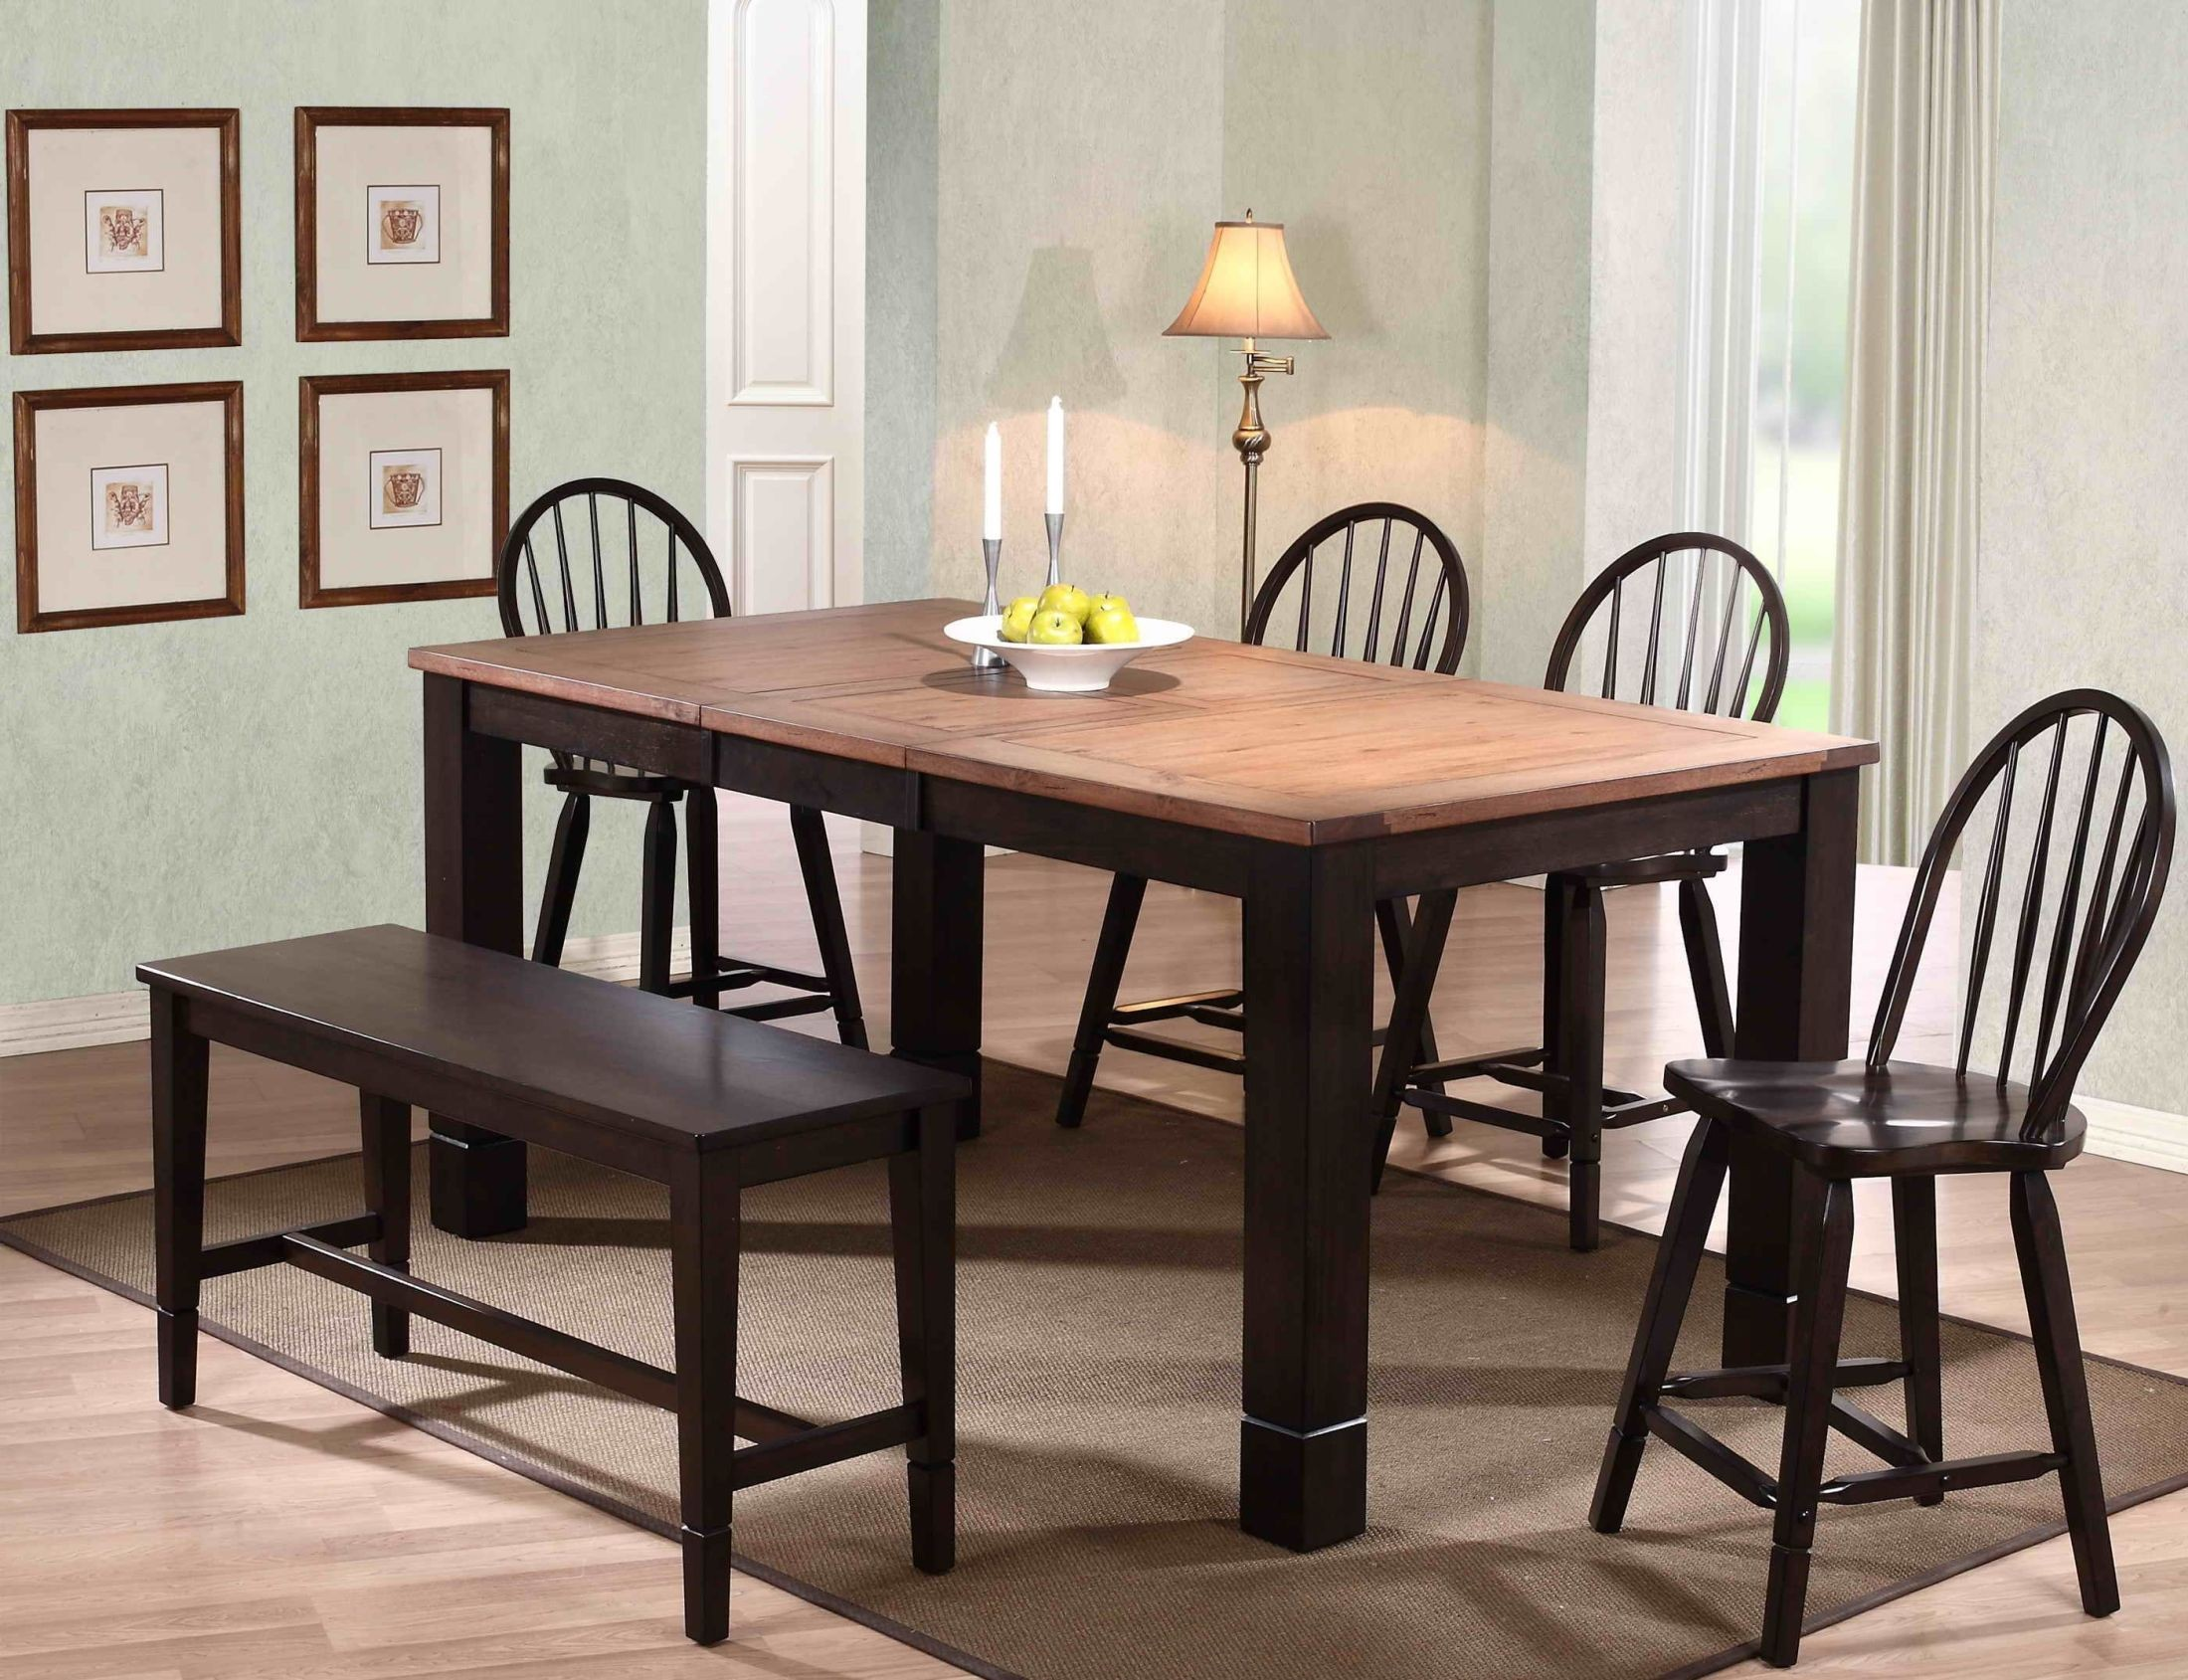 acacia distressed walnut dining room set 3073 00 t eci furniture